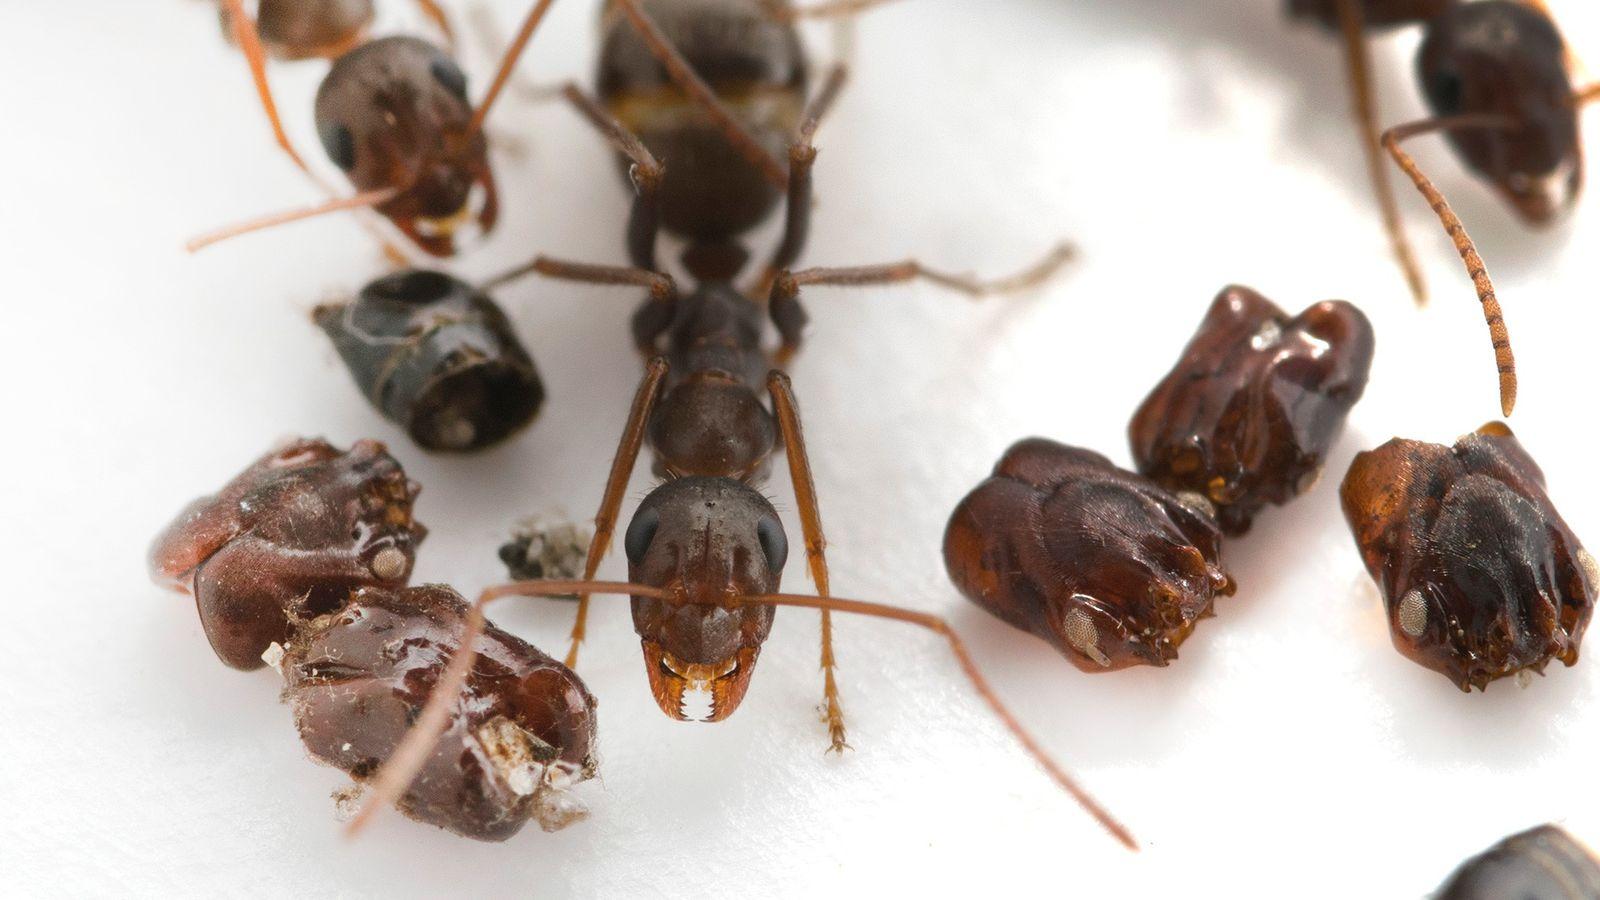 Esta formiga nativa da Flórida (Formica archboldi) recolhe as cabeças de suas inimigas—mas os cientistas ainda ...